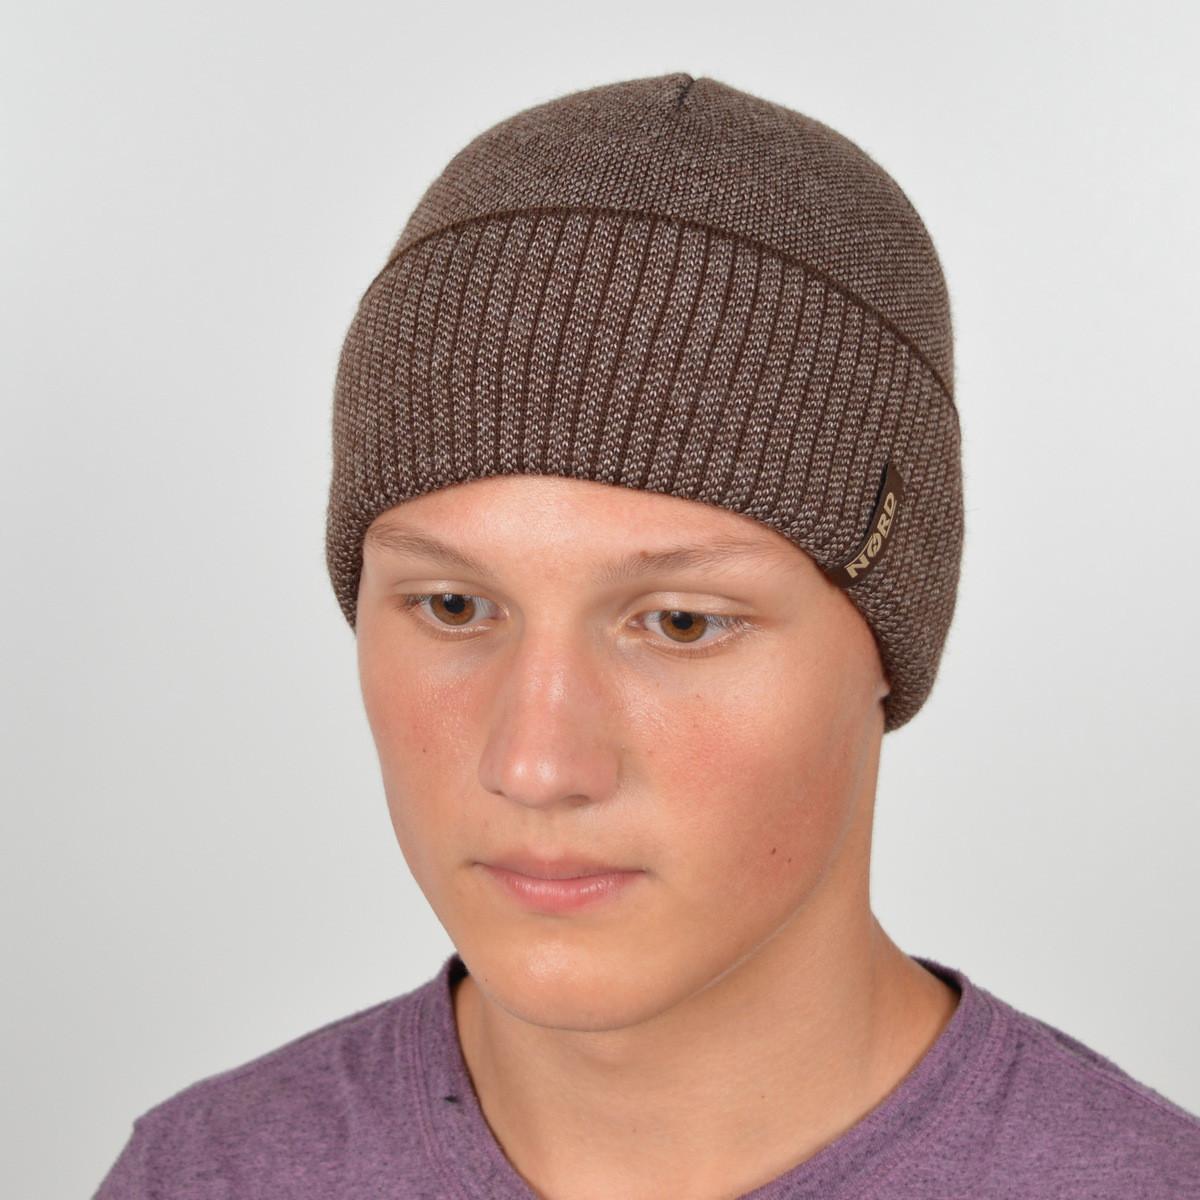 Мужская вязанная шапка NORD с отворотом беж + коричневый